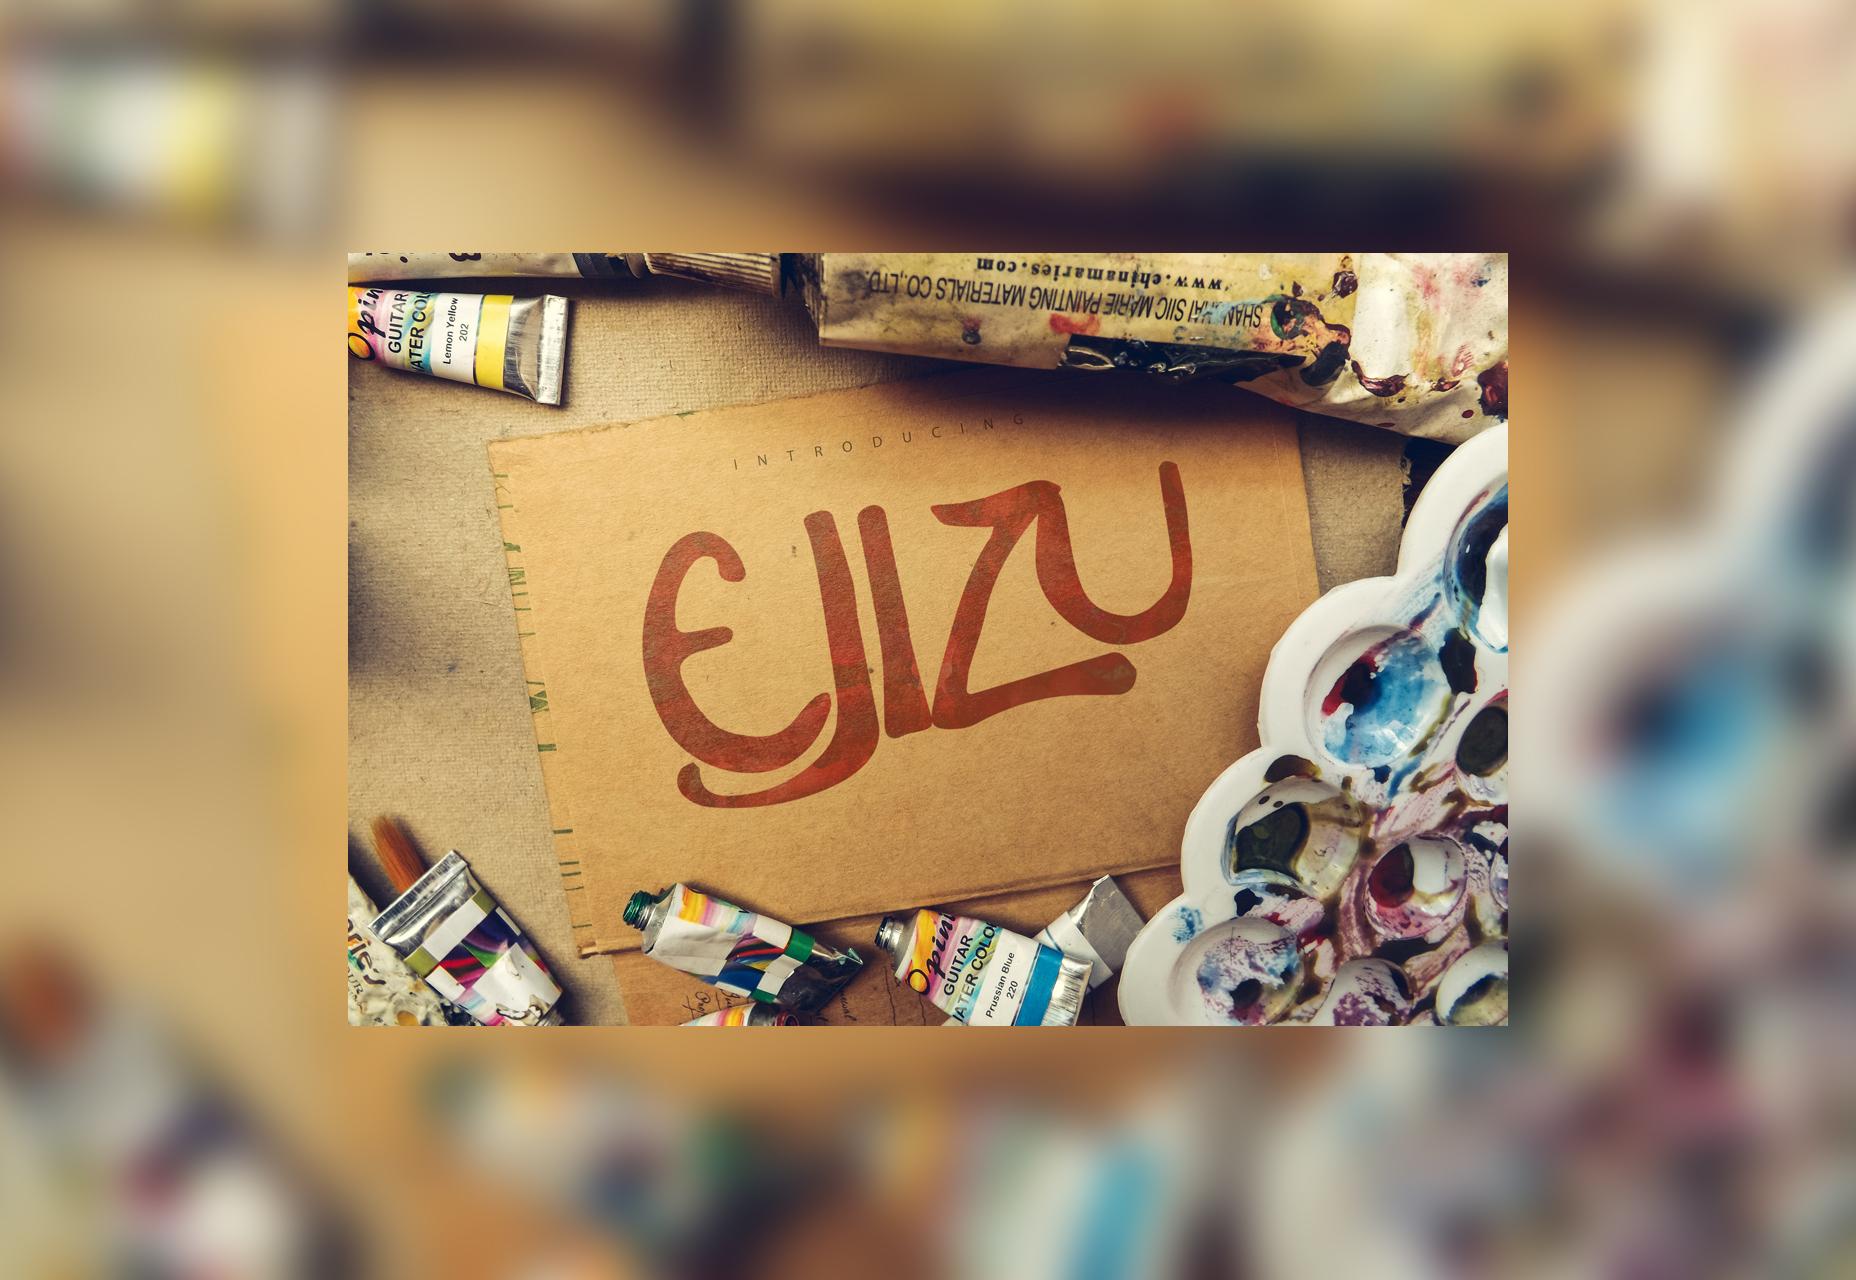 Ejizu: Tipografía con estilo escrita a mano